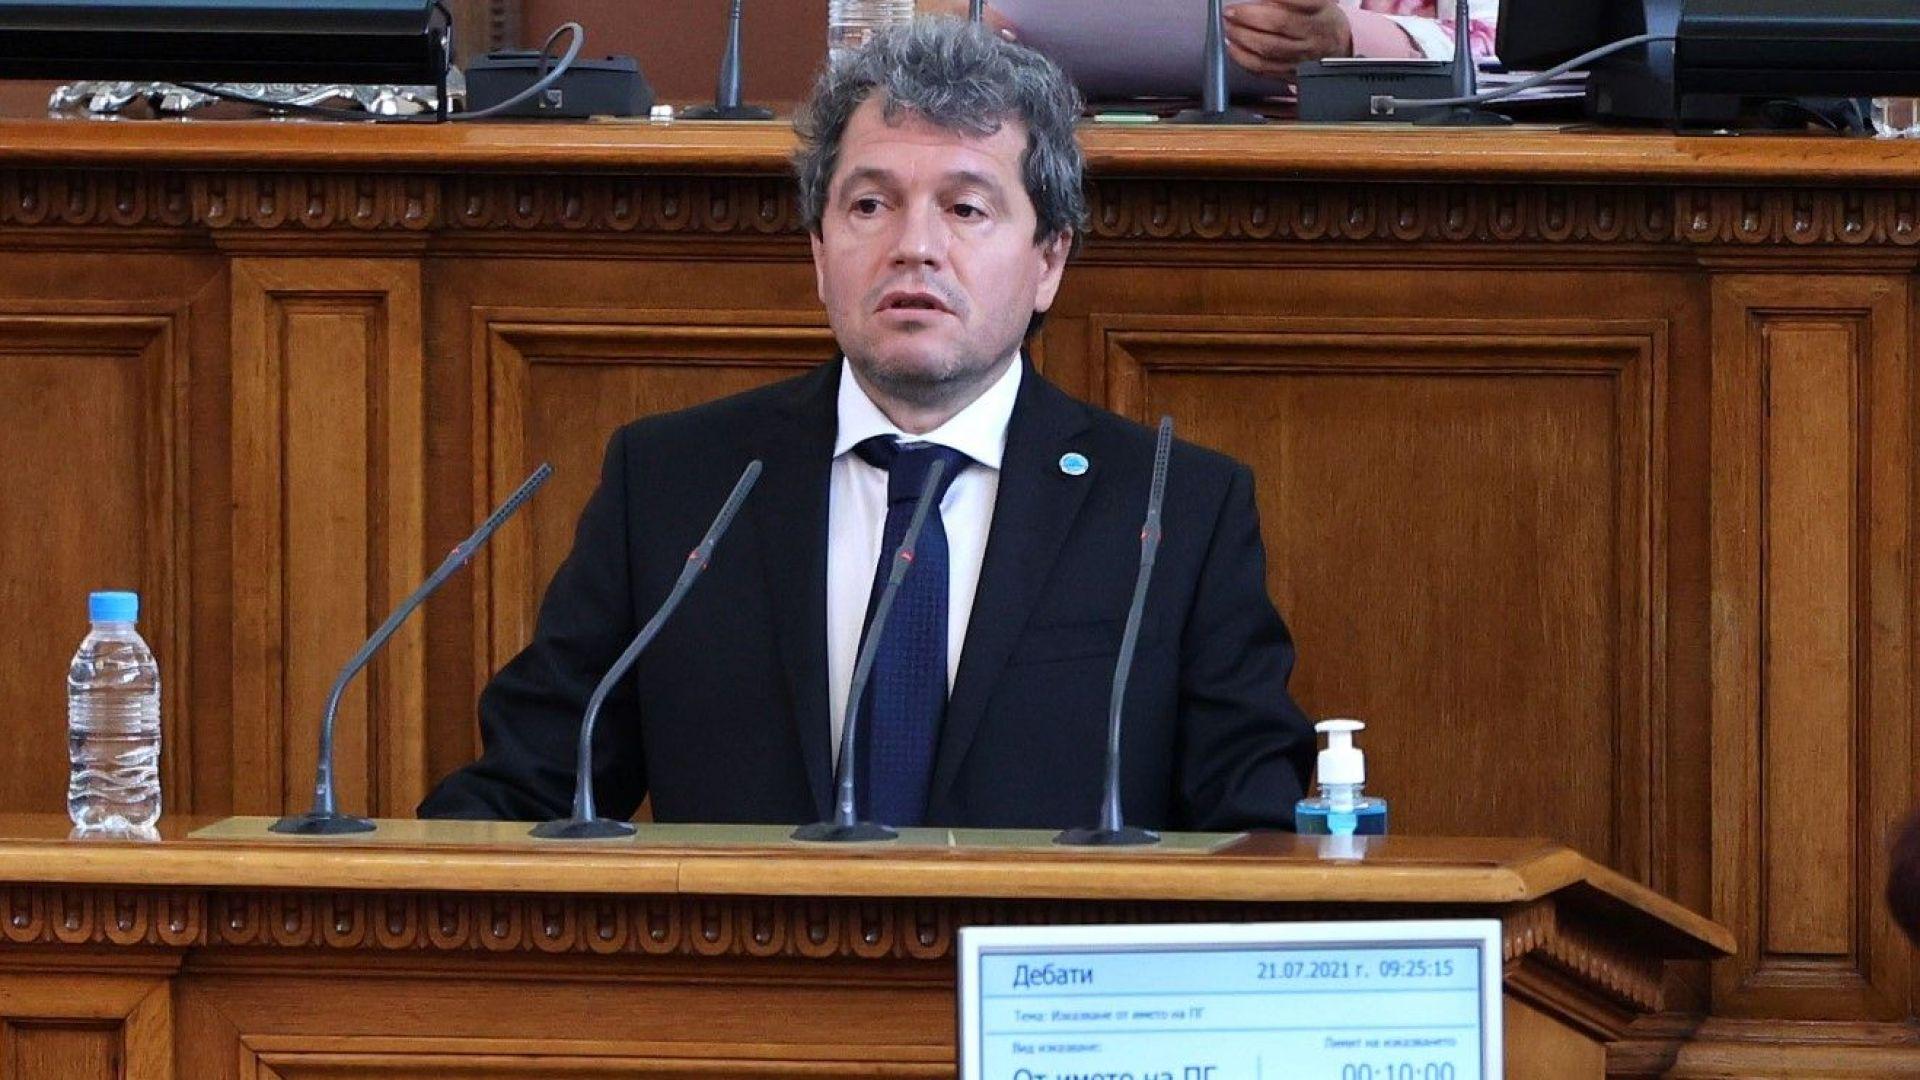 Тошко Йорданов: Нямаме различия с основните колеги, до 15 дни става ясно дали ще имаме кабинет